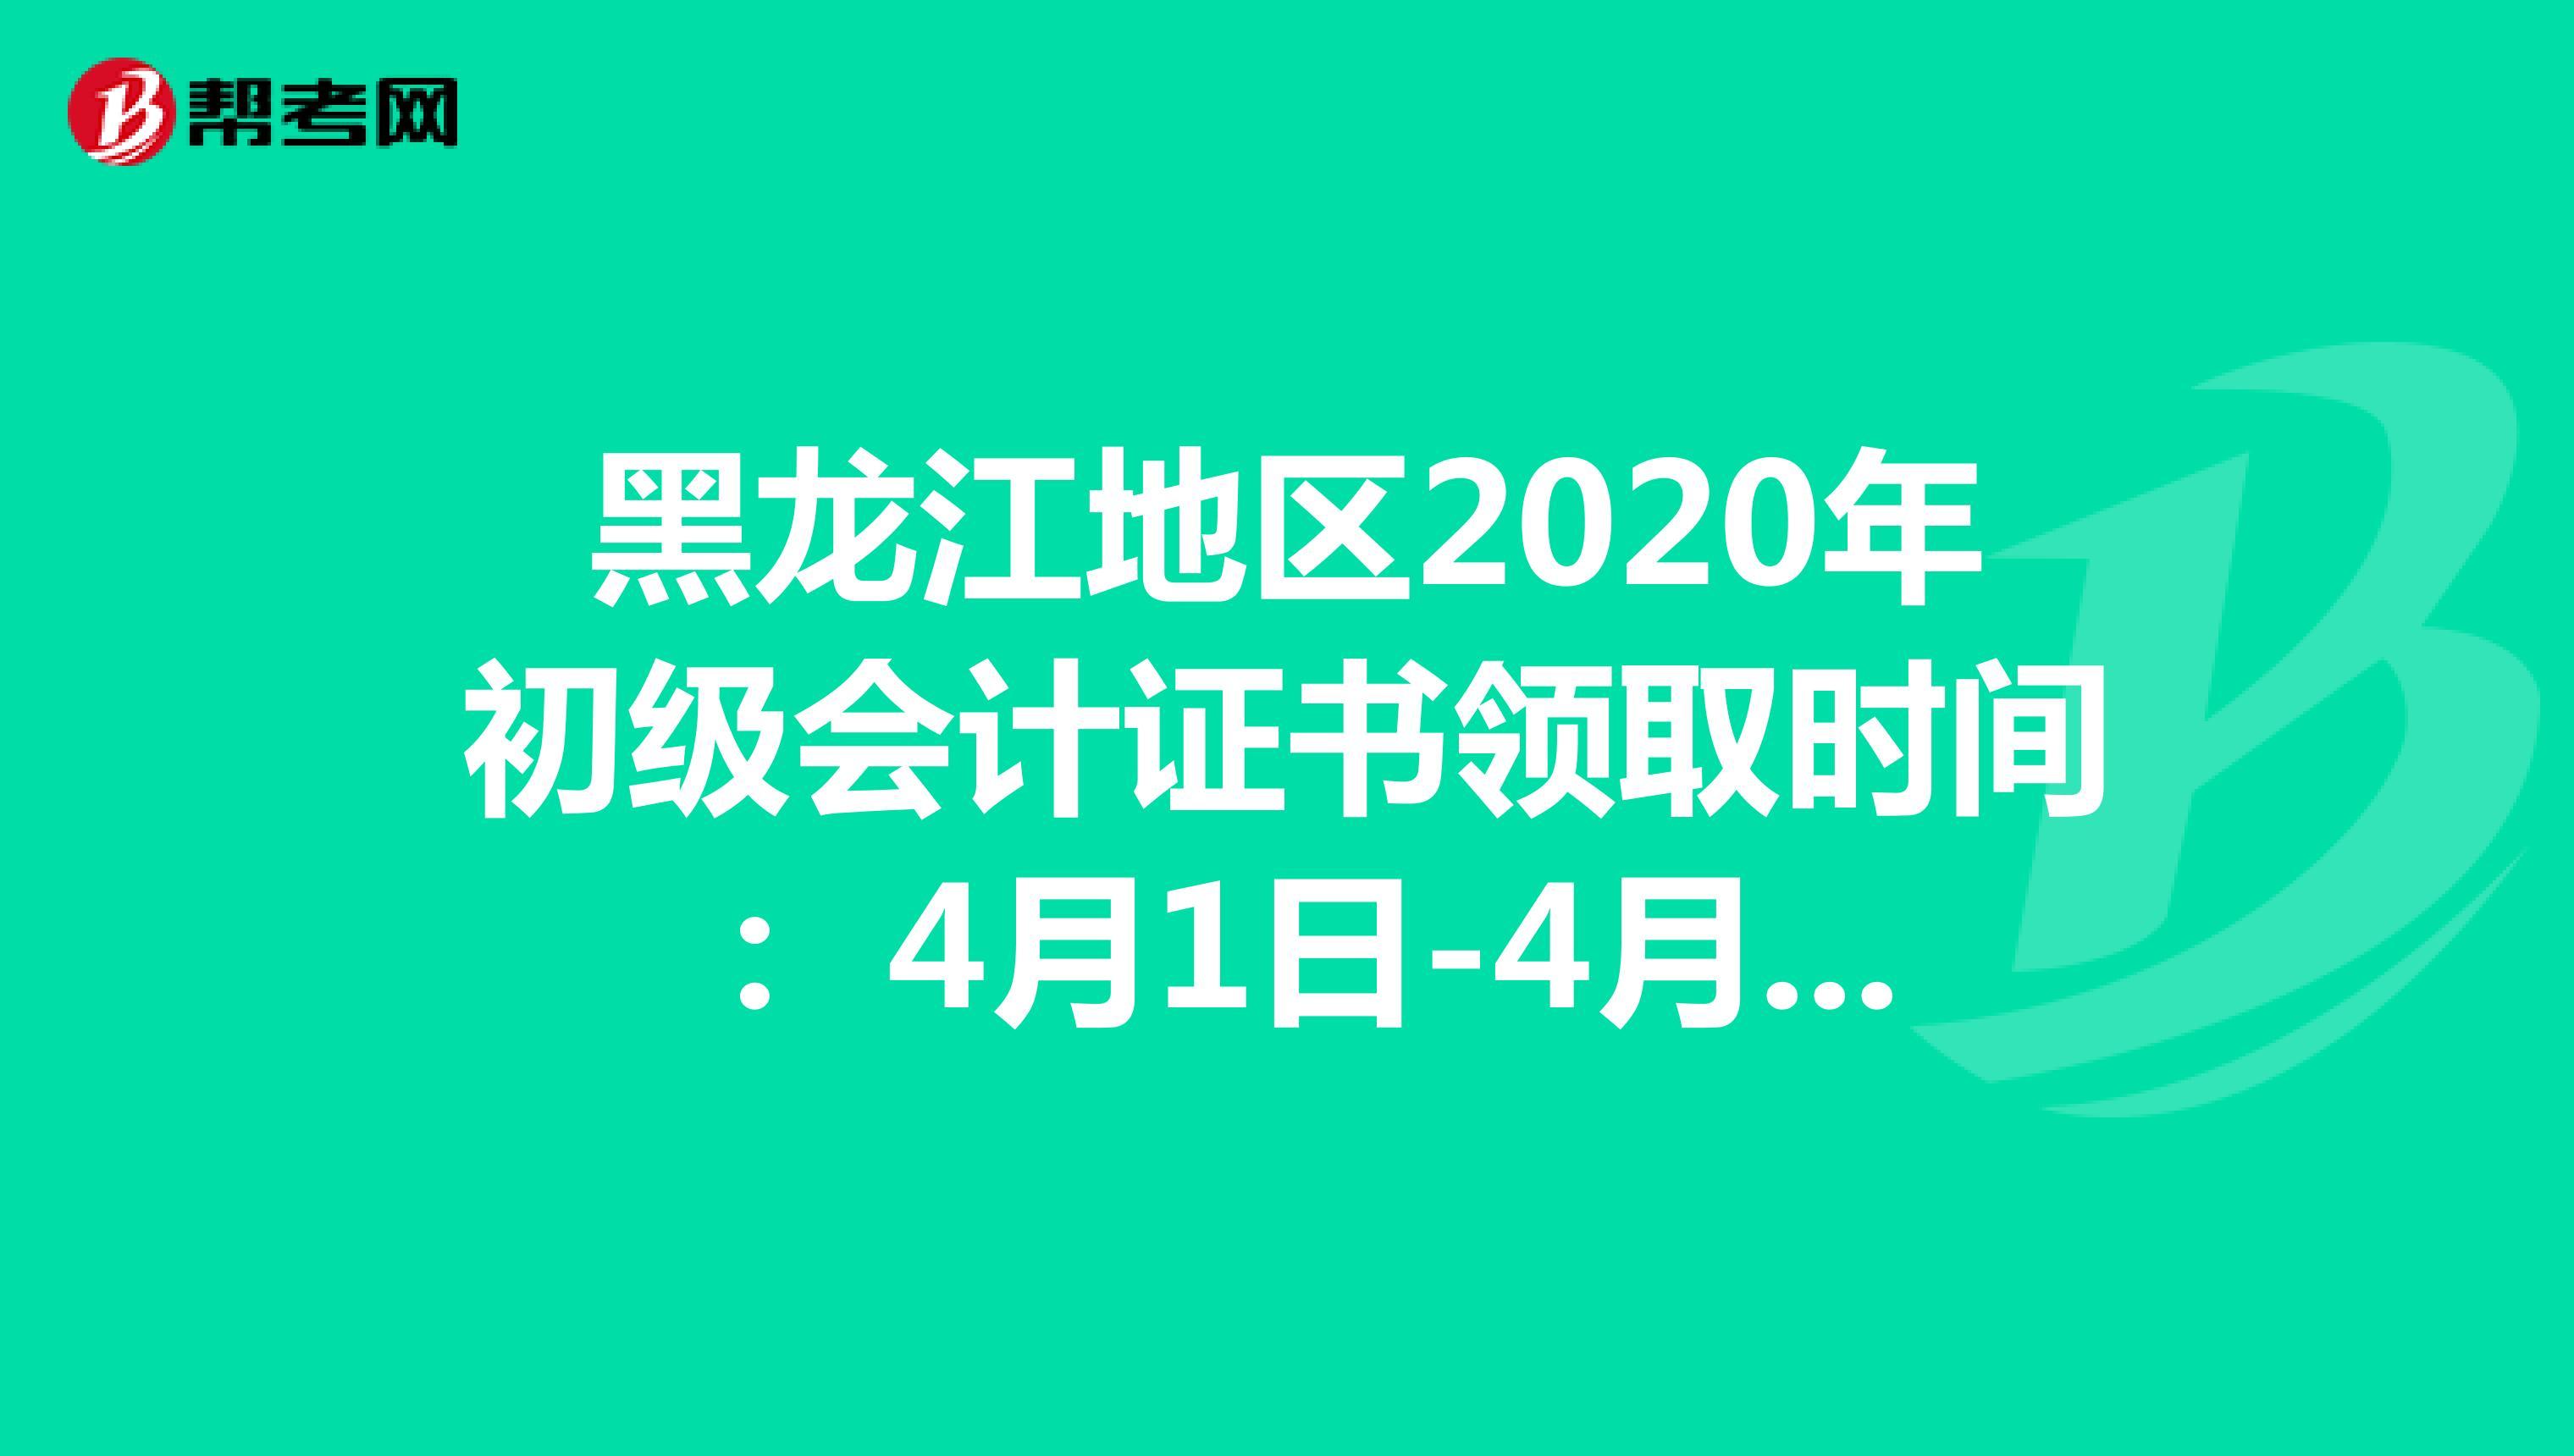 黑龙江地区2020年初级会计证书领取时间: 4月1日-4月20日